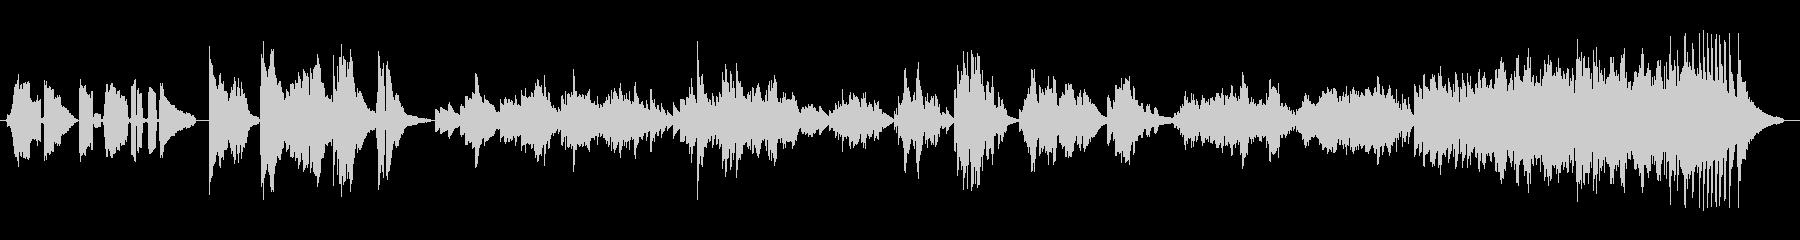 粋なスパニッシュピアノの未再生の波形